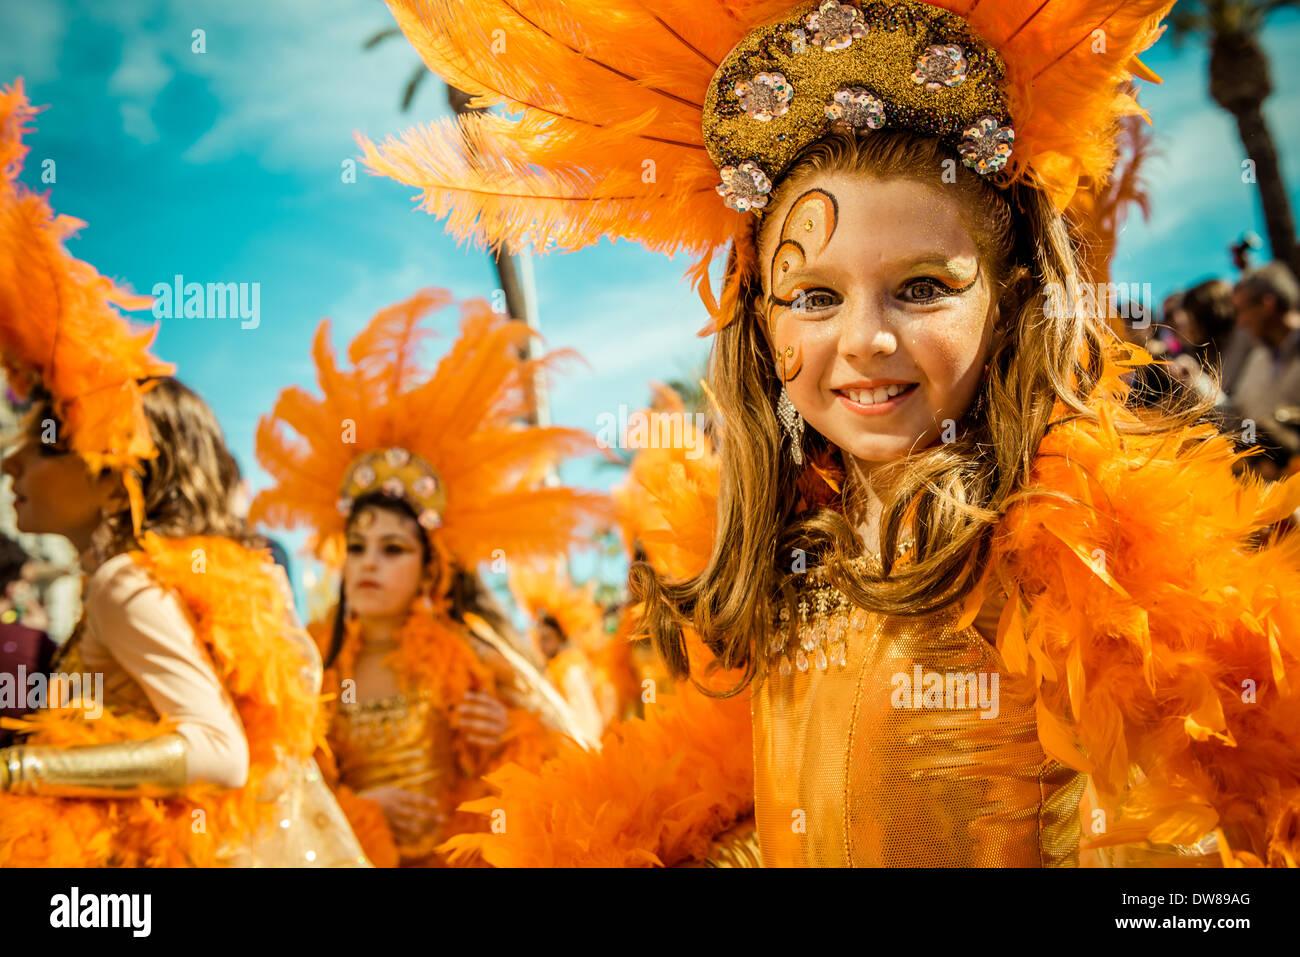 Sitges, Spanien. 2. März 2014: Kinder Nachtschwärmer tanzen während der Sonntag-Parade von der Kinder-Karnevalsumzug in Sitges Credit: Matthi/Alamy Live-Nachrichten Stockbild